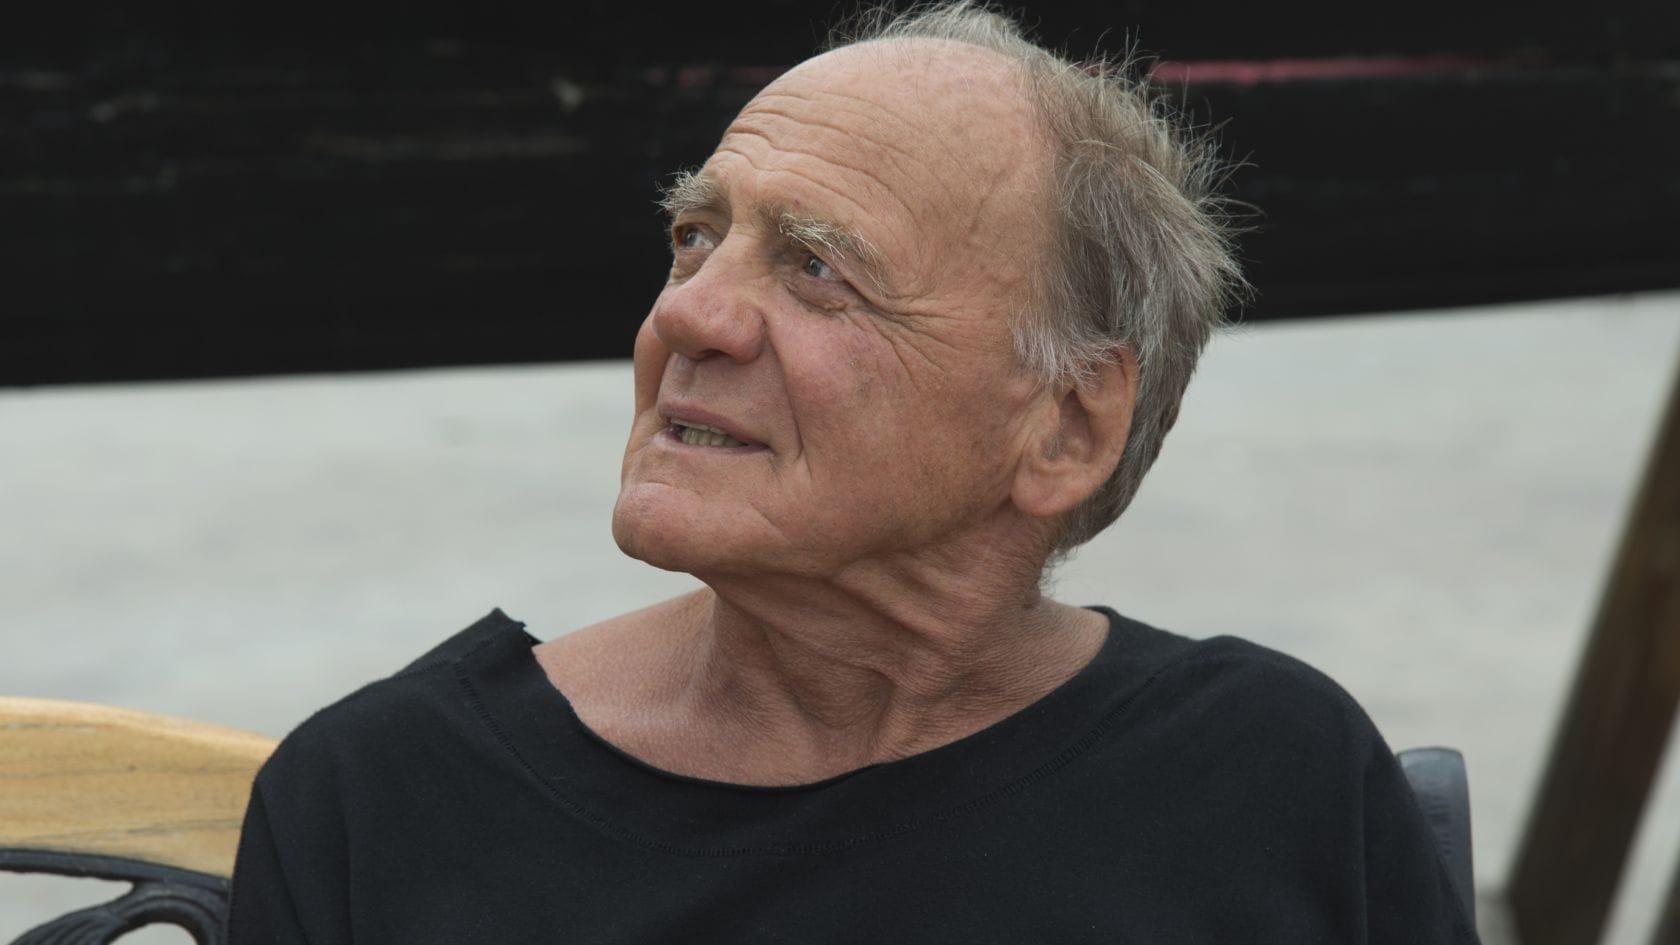 Bruno Ganz Schauspieler